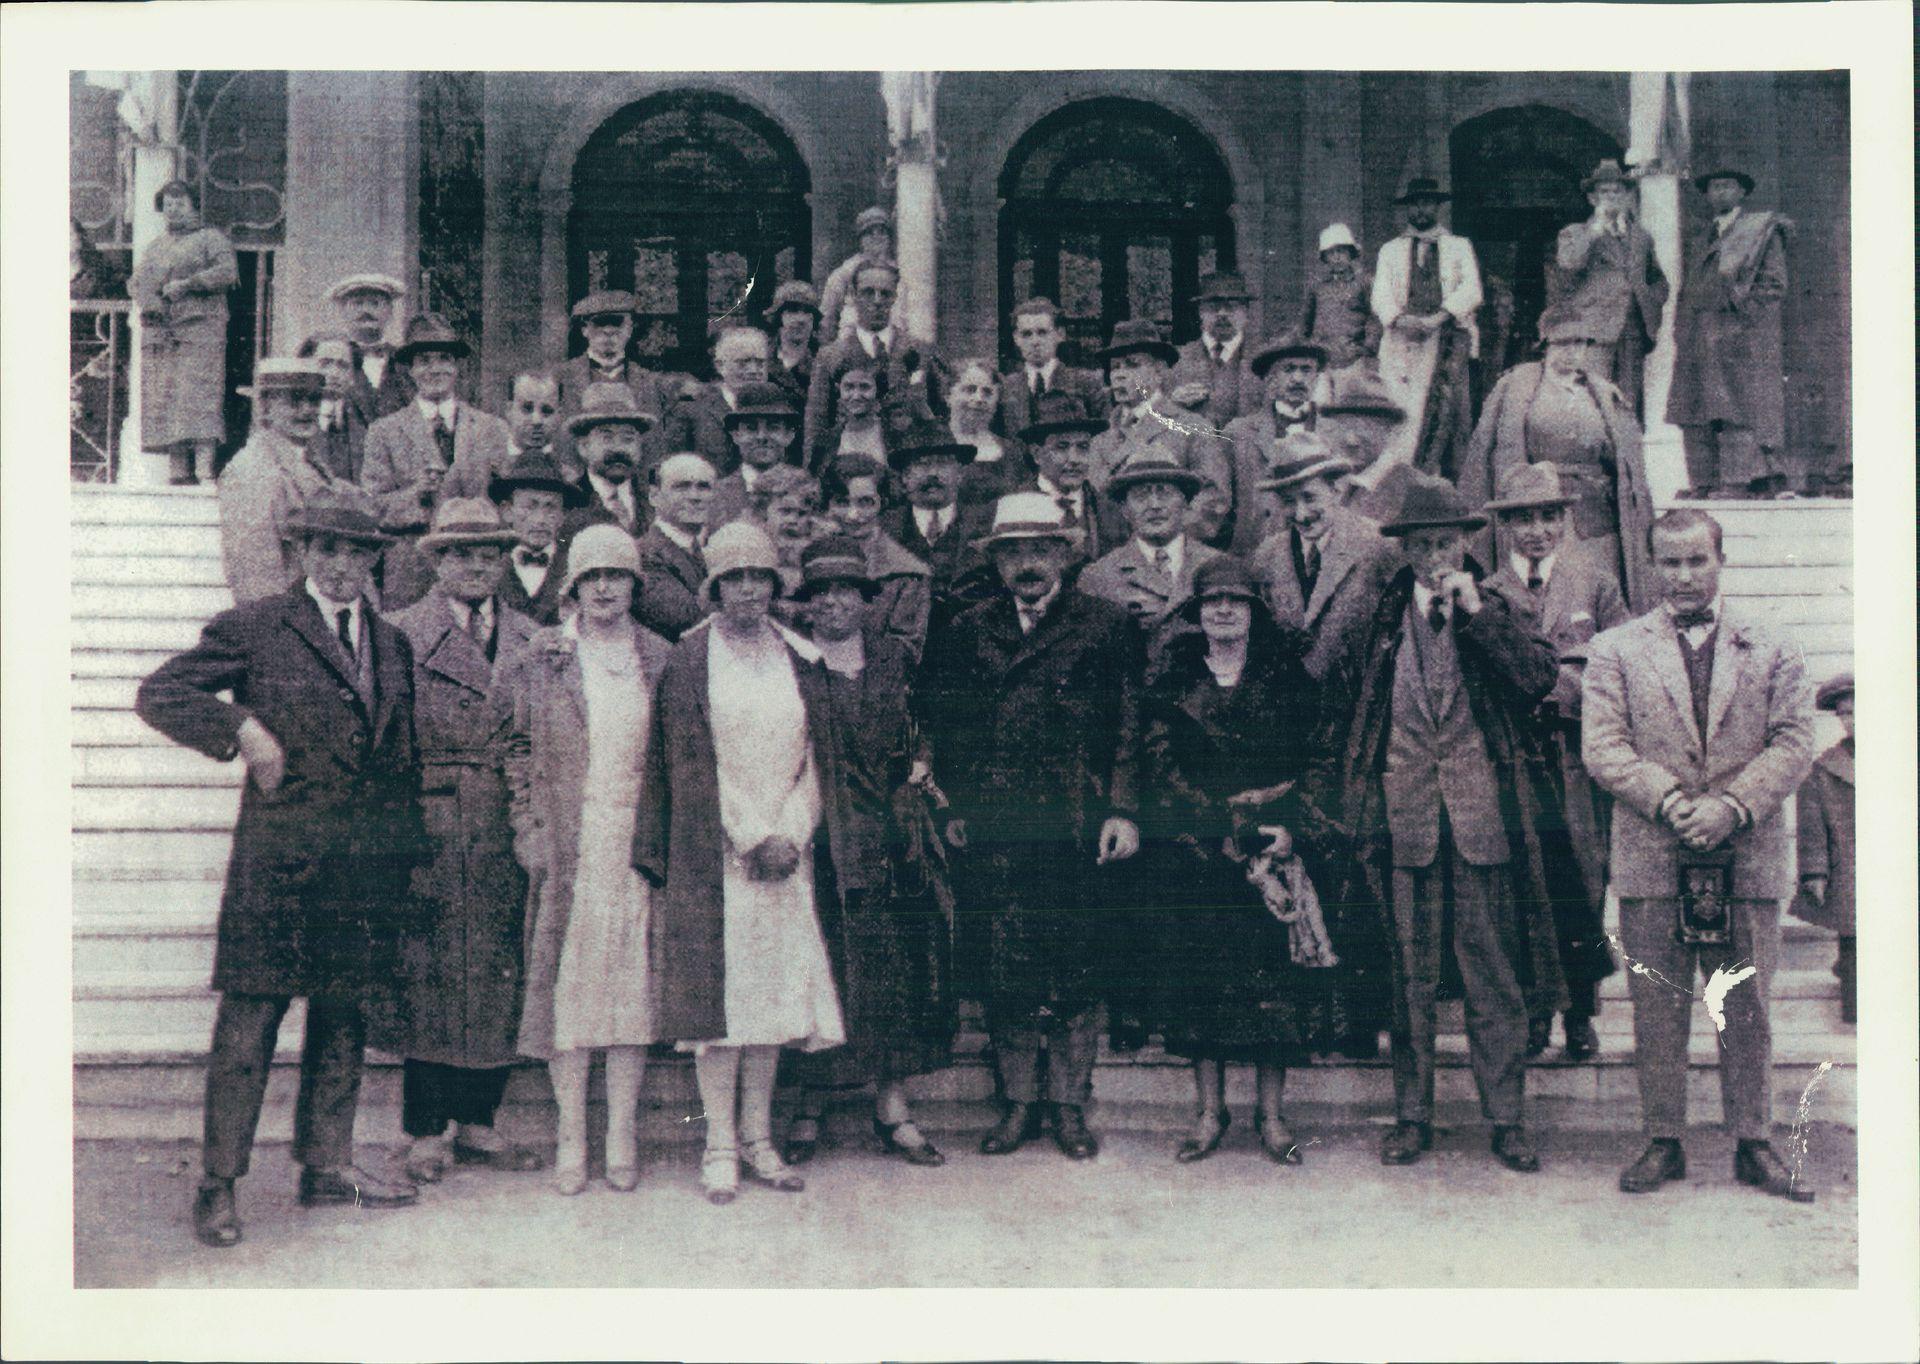 En 1925, durante la visita de Albert Einstein (en el centro, de sombrero blanco) a Buenos Aires, Adolfo Holmberg (abajo, izquierda), el director del zoológico porteño, ofició de intérprete.